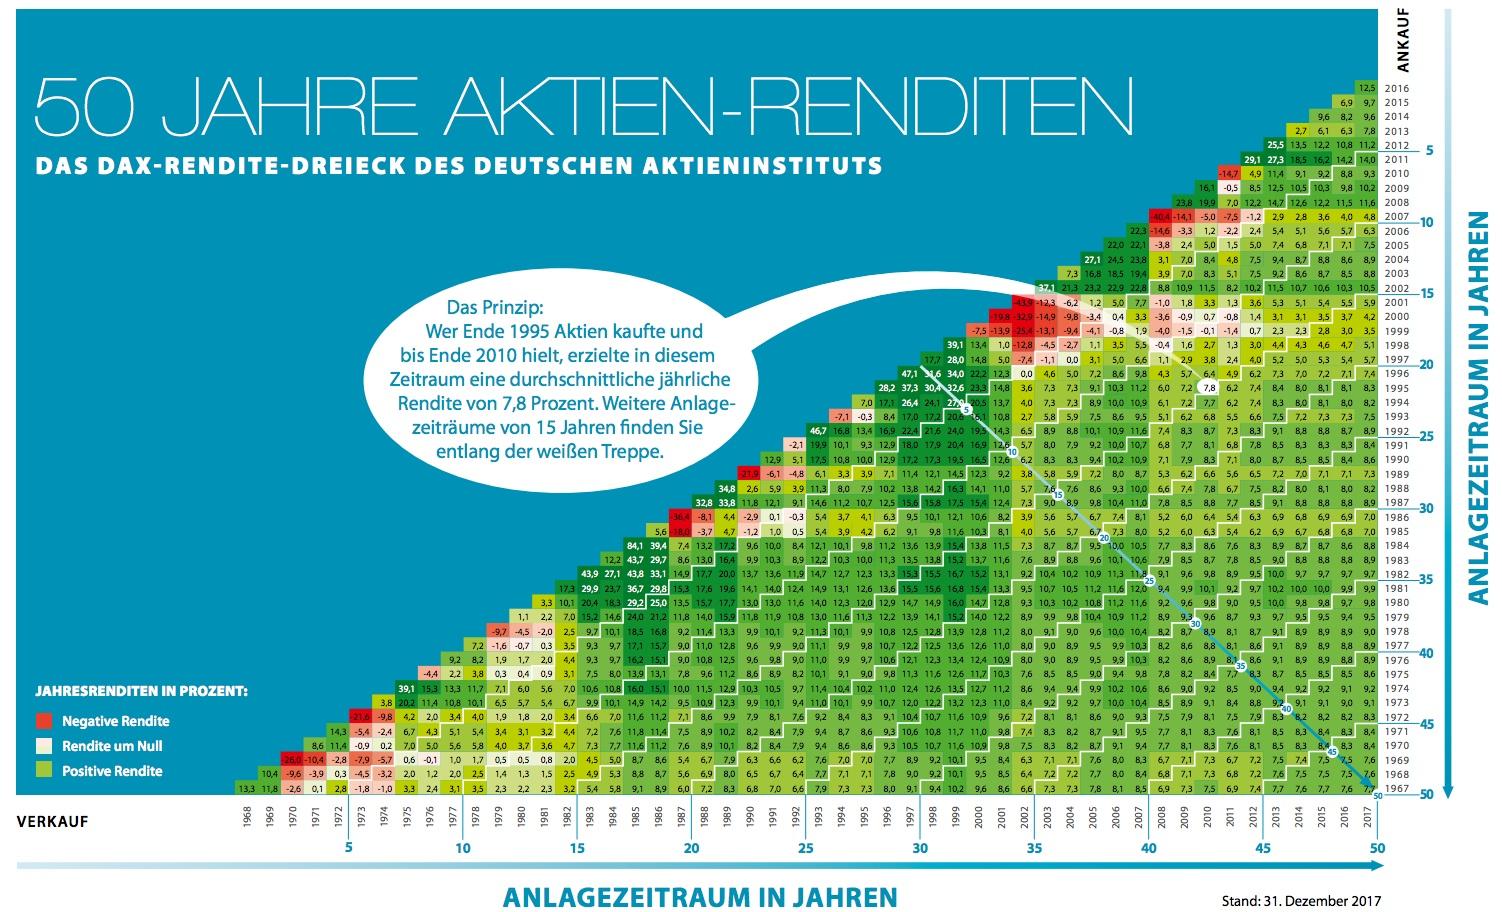 Renditedreieck-dai in Die durchschnittlichen Renditen der Dax-Titel